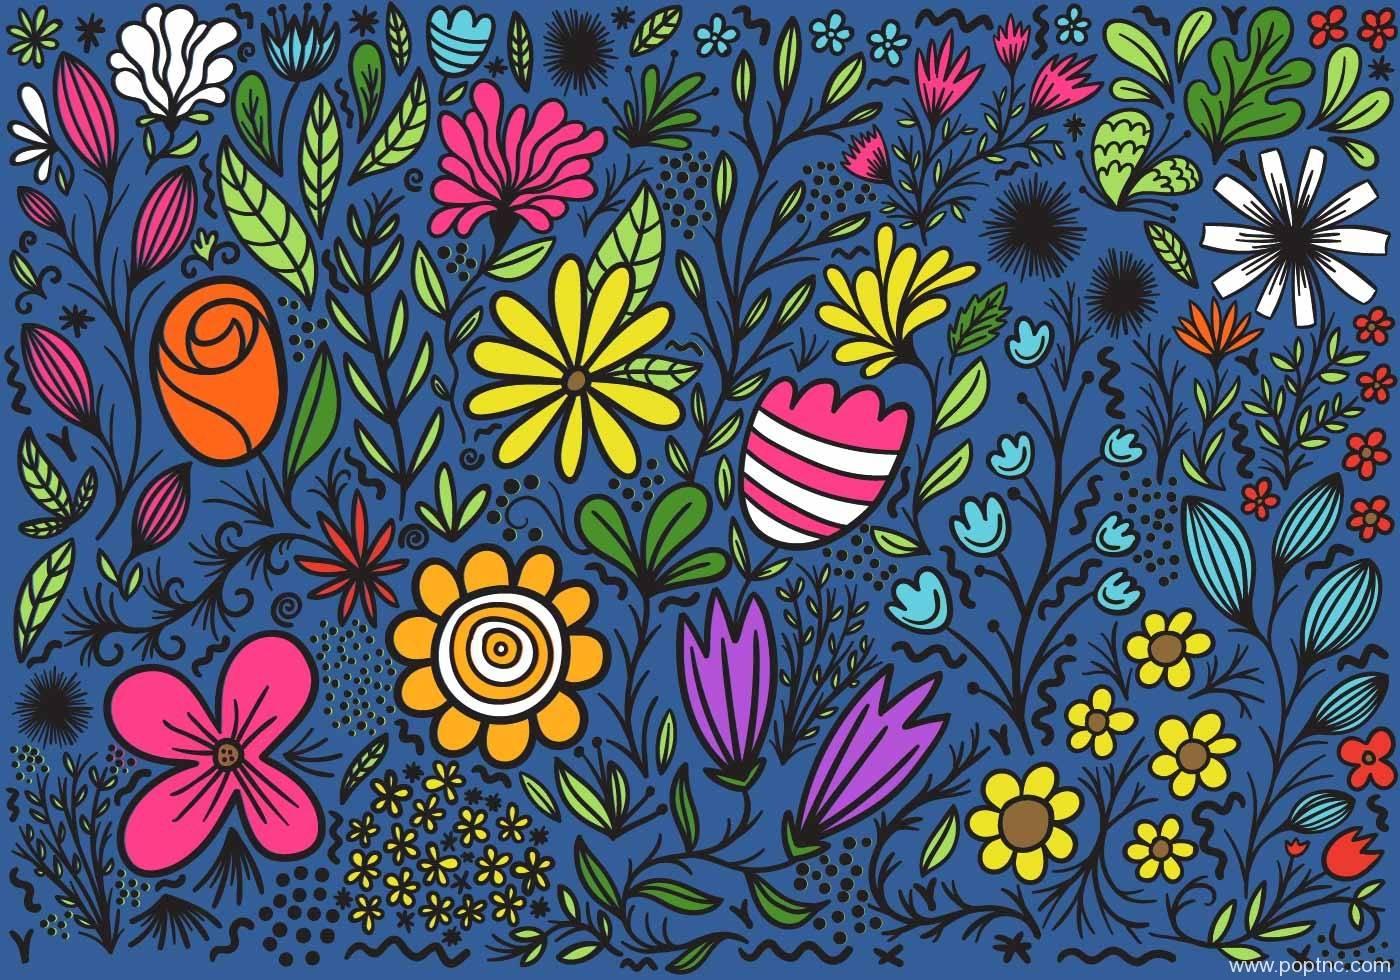 多彩植物花朵卡通印花矢量图-POP花型网